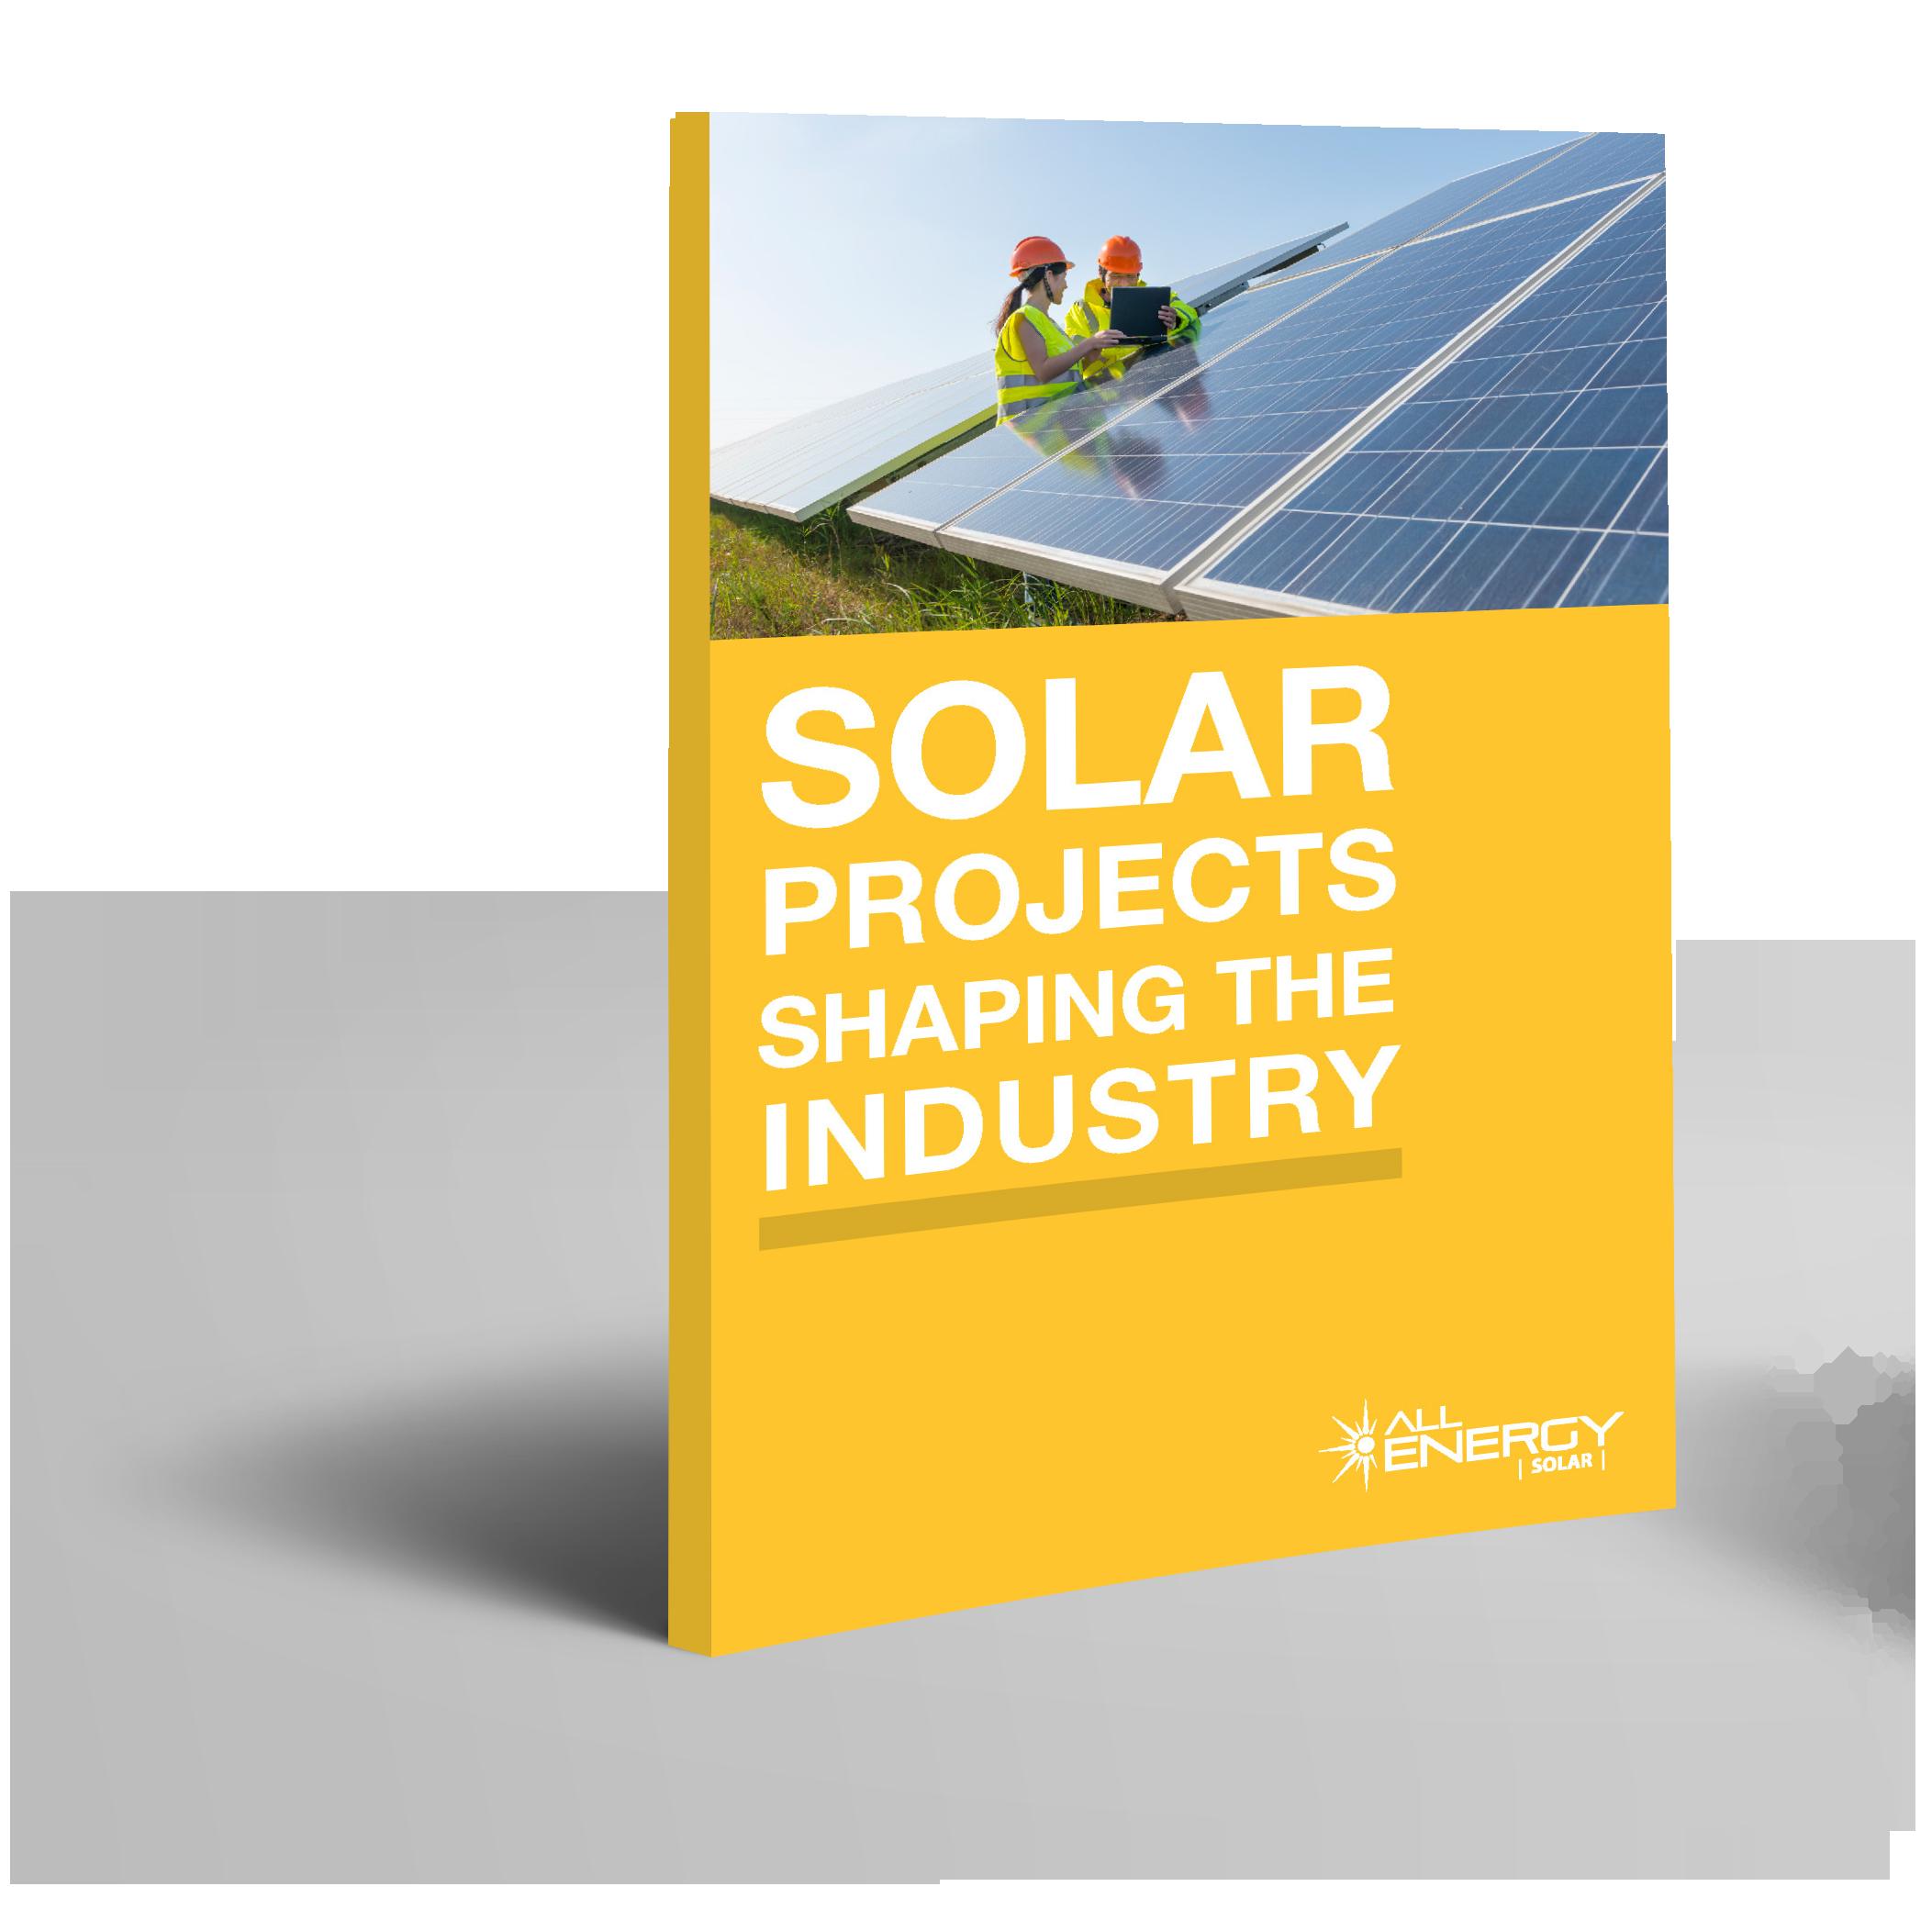 eBook_3DCover_SolarProjectsShapingtheIndustry